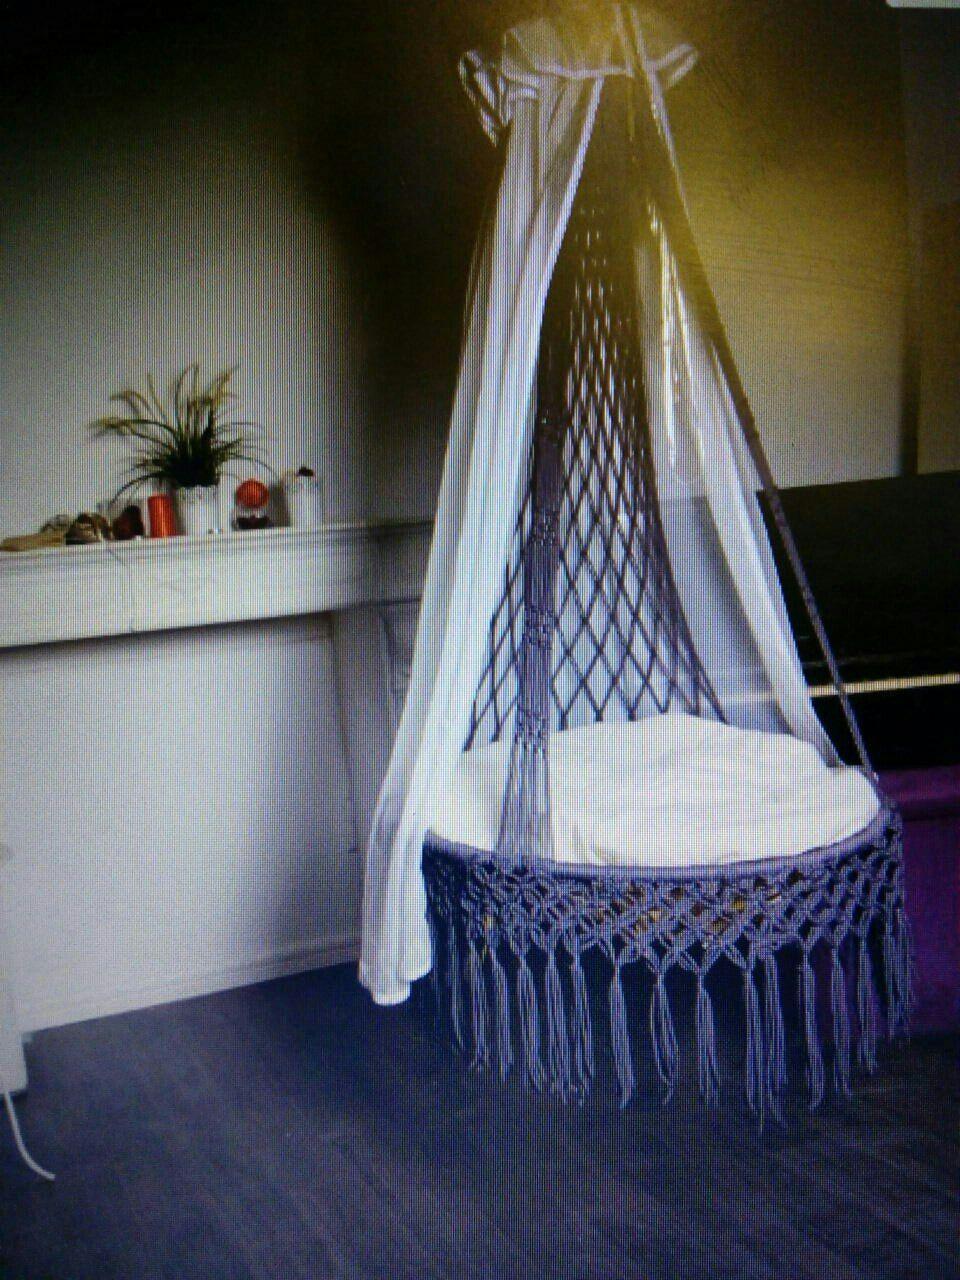 Мебель ручной работы. Ярмарка Мастеров - ручная работа. Купить подвесное кресло гамак. Handmade. Макраме, качели, подвесное кресло